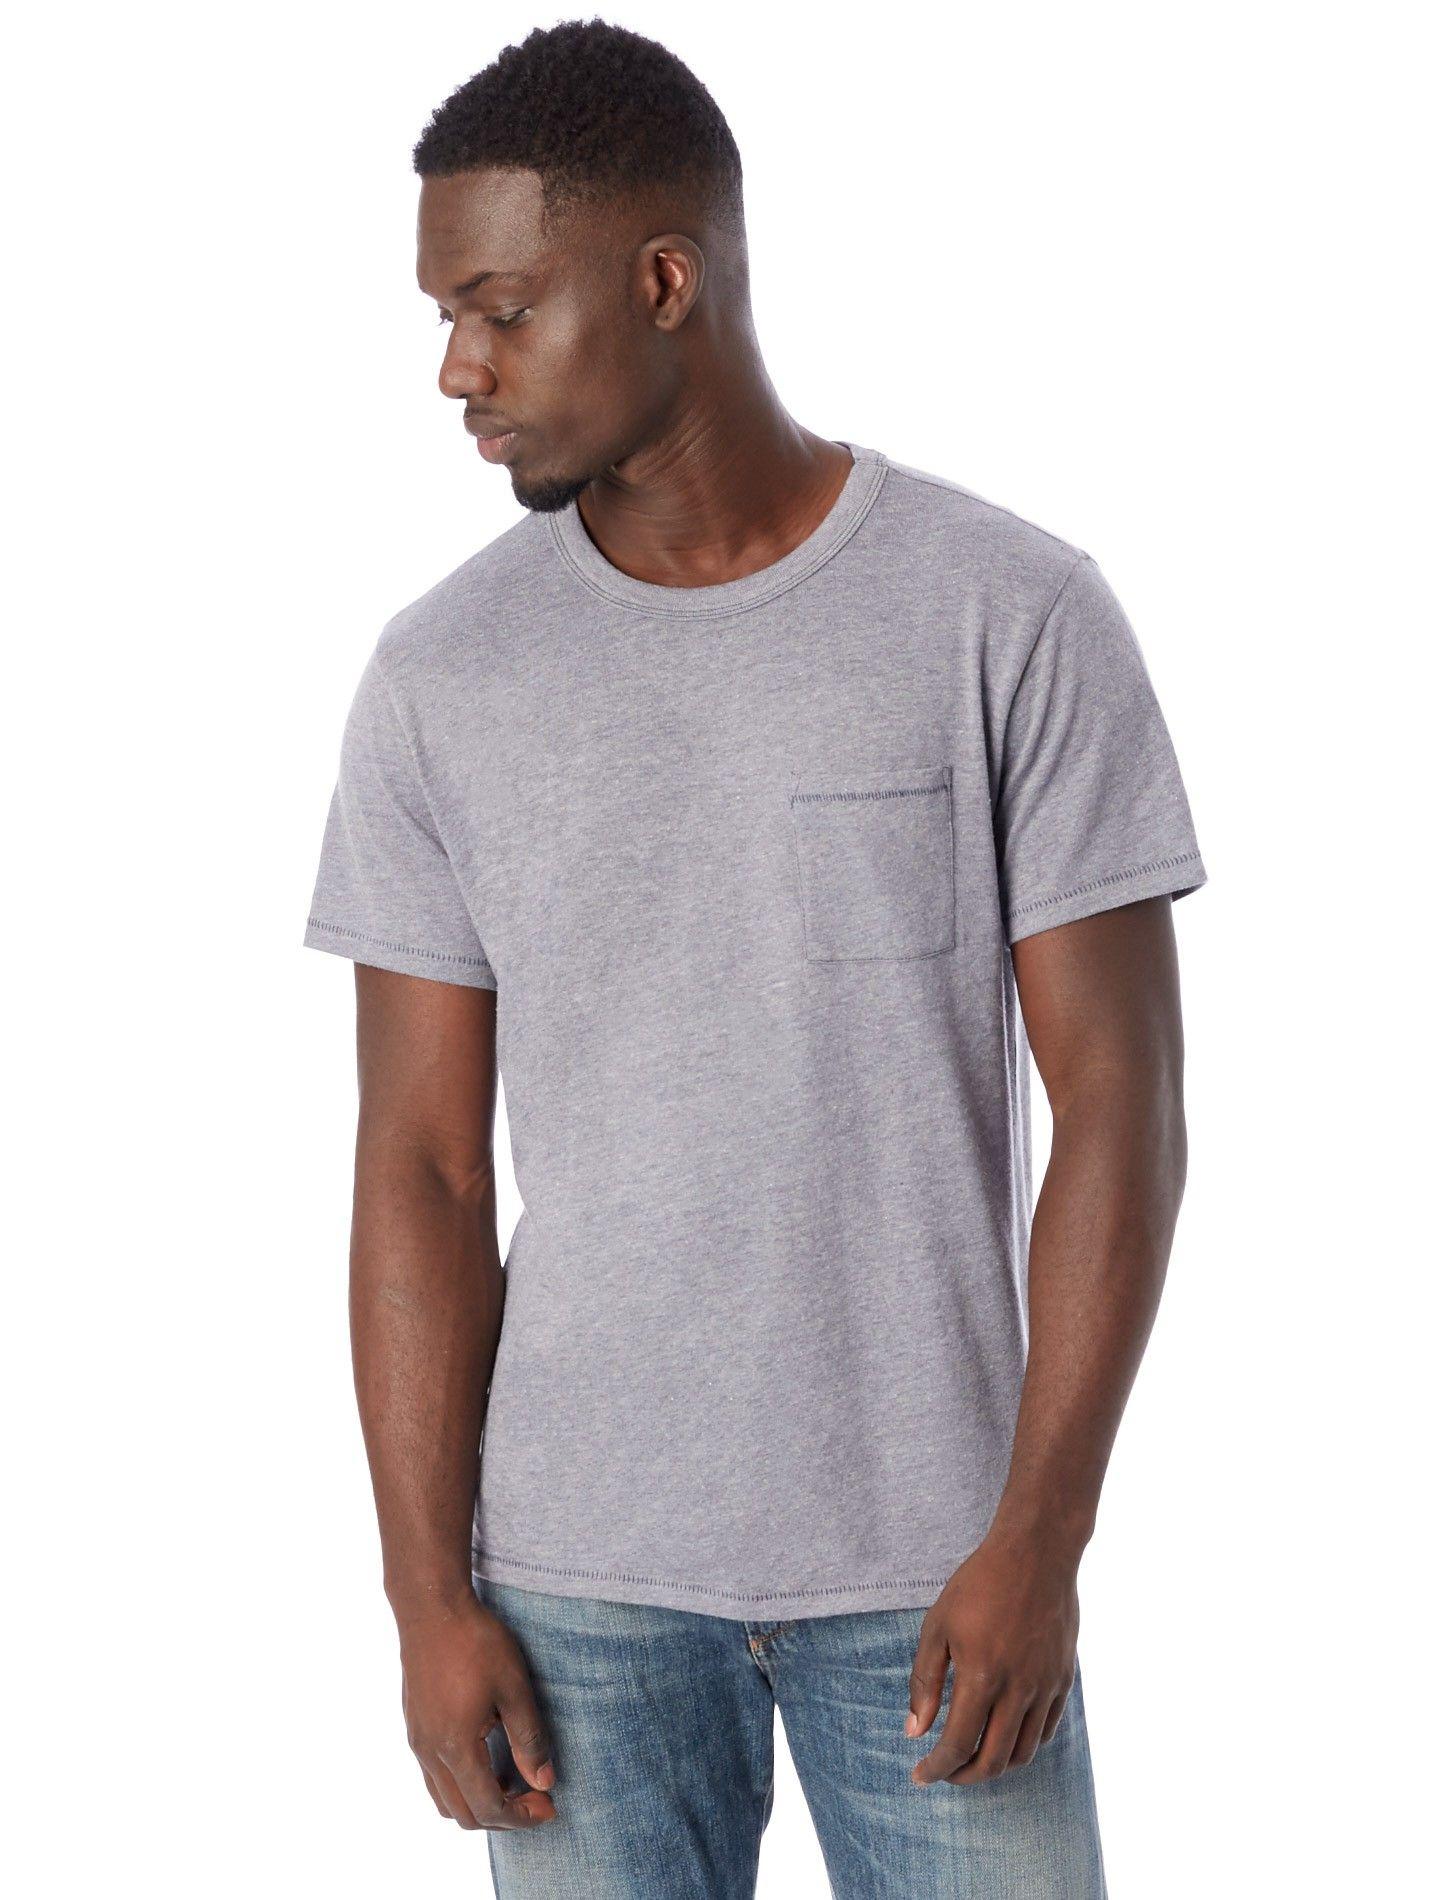 f02ac6db9 Alternative Apparel Keeper Vintage Jersey Pocket T-Shirt - Green Olive 2X